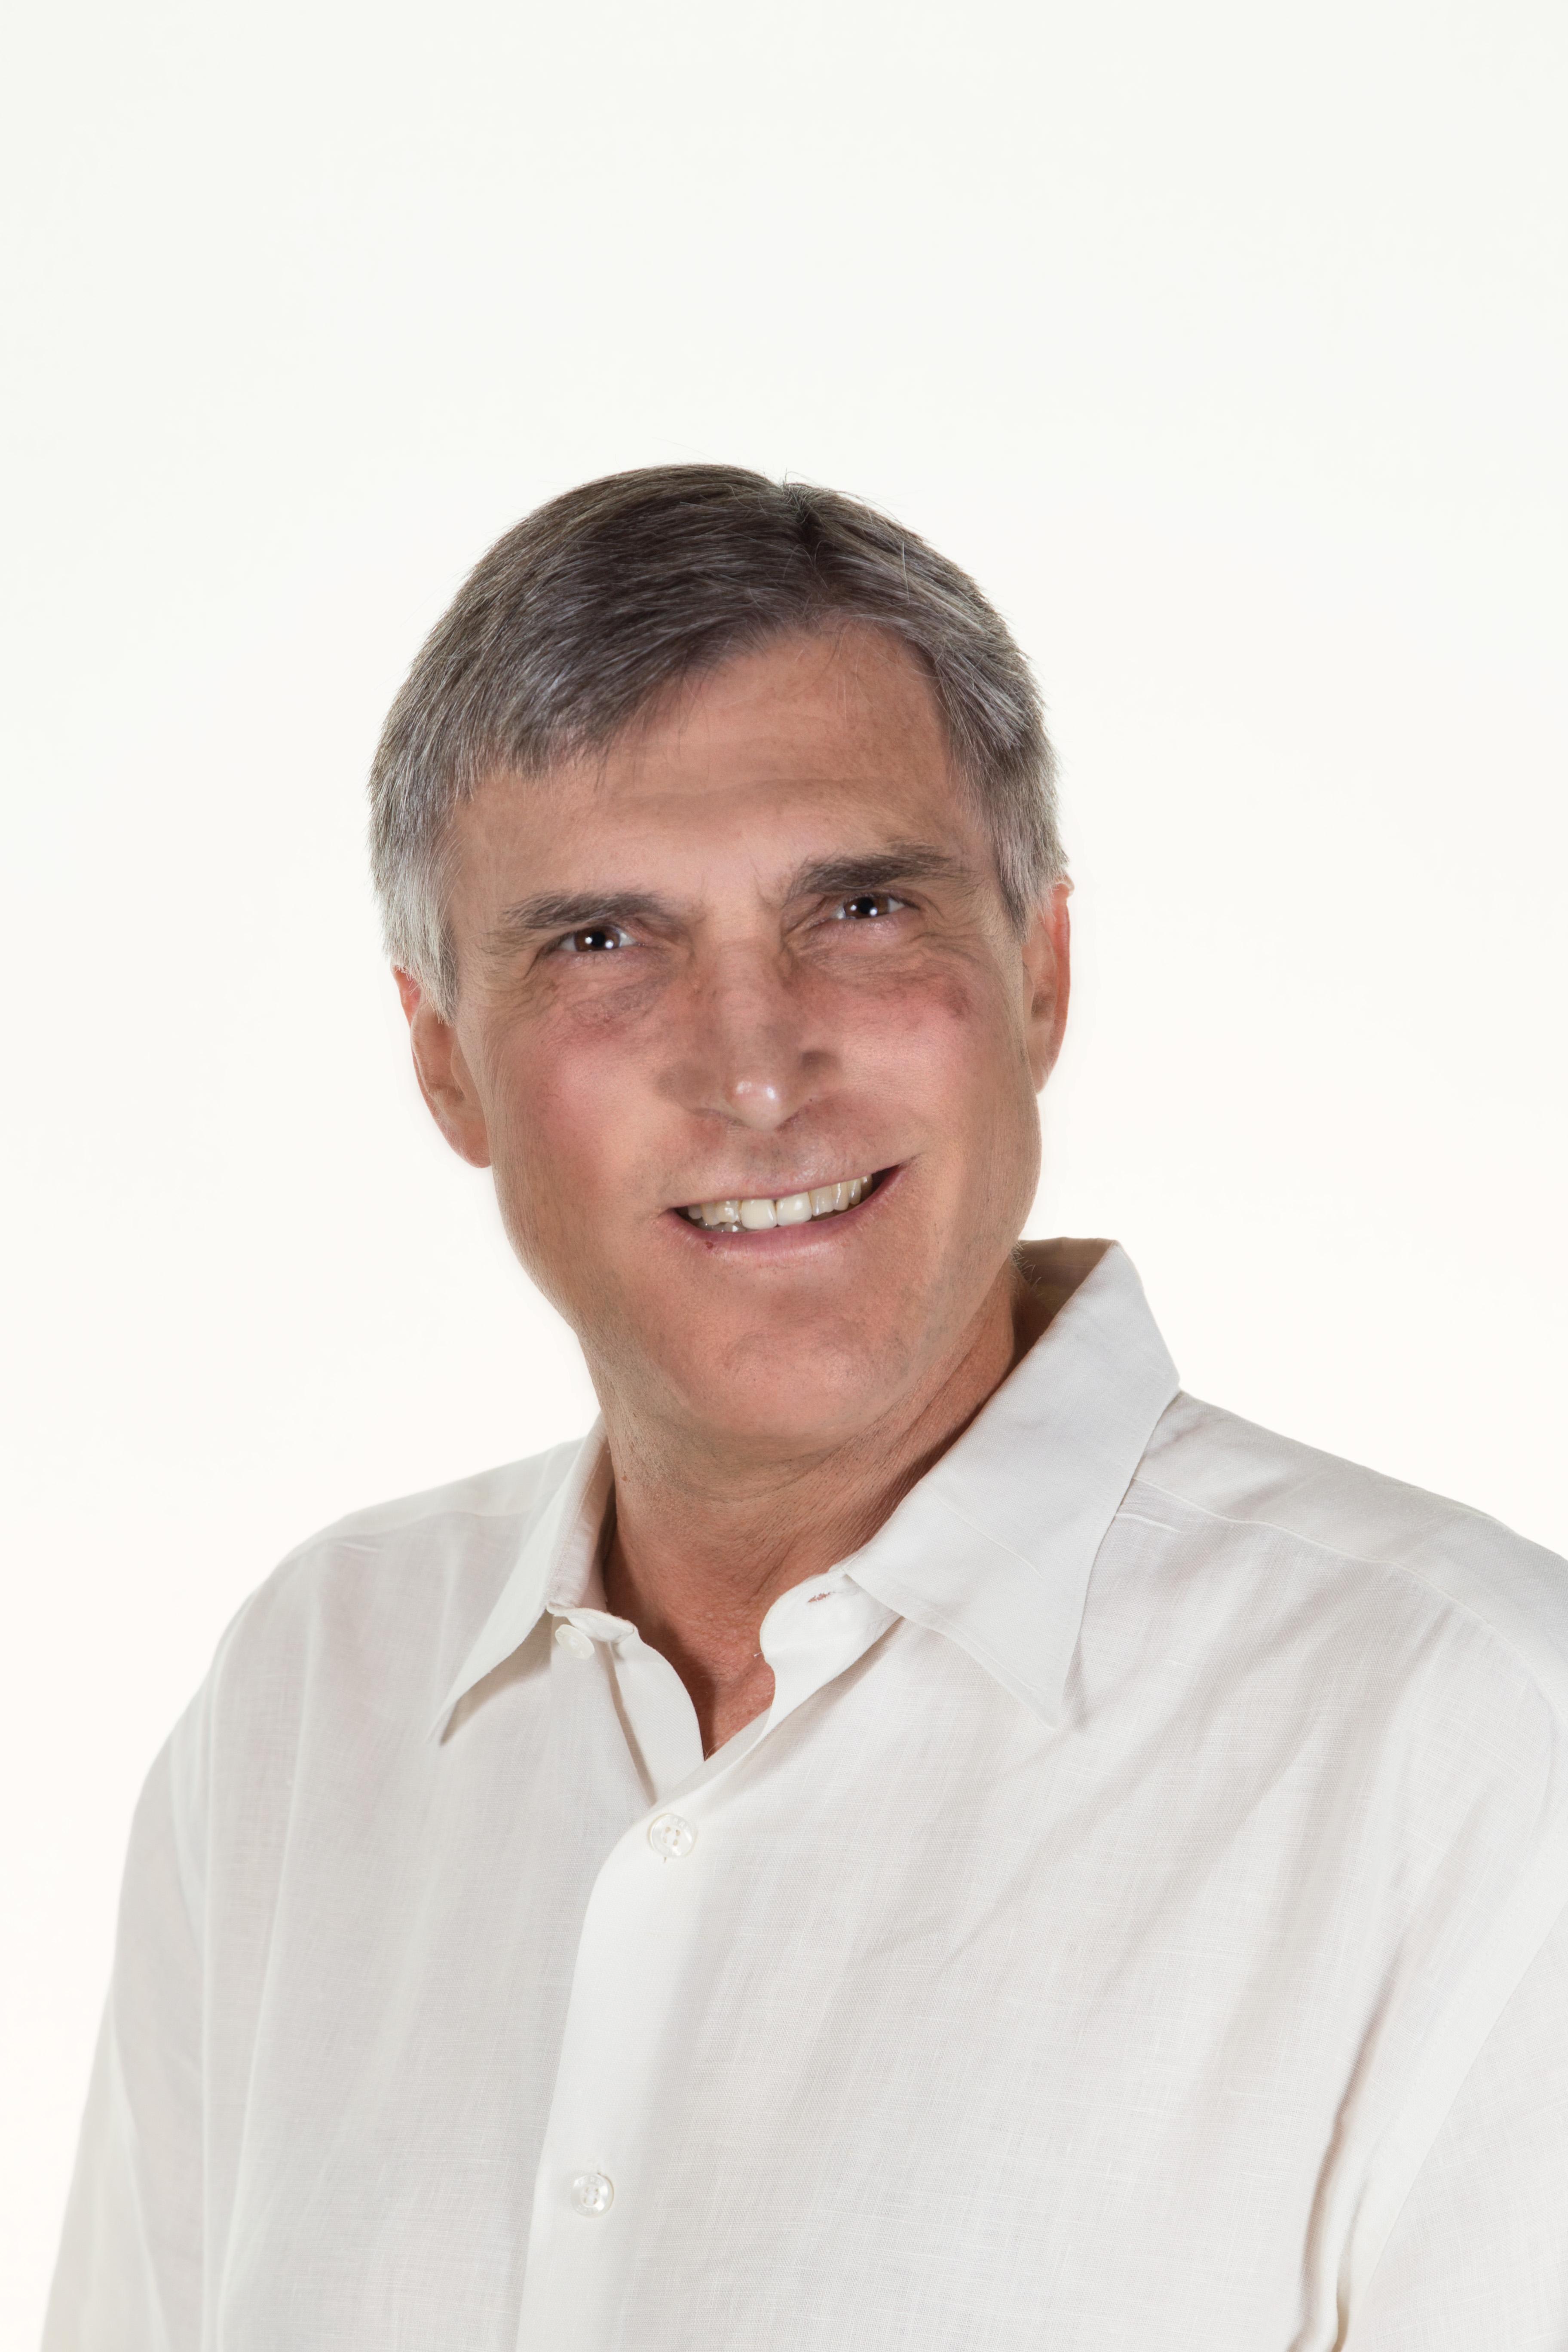 Ron Hartman